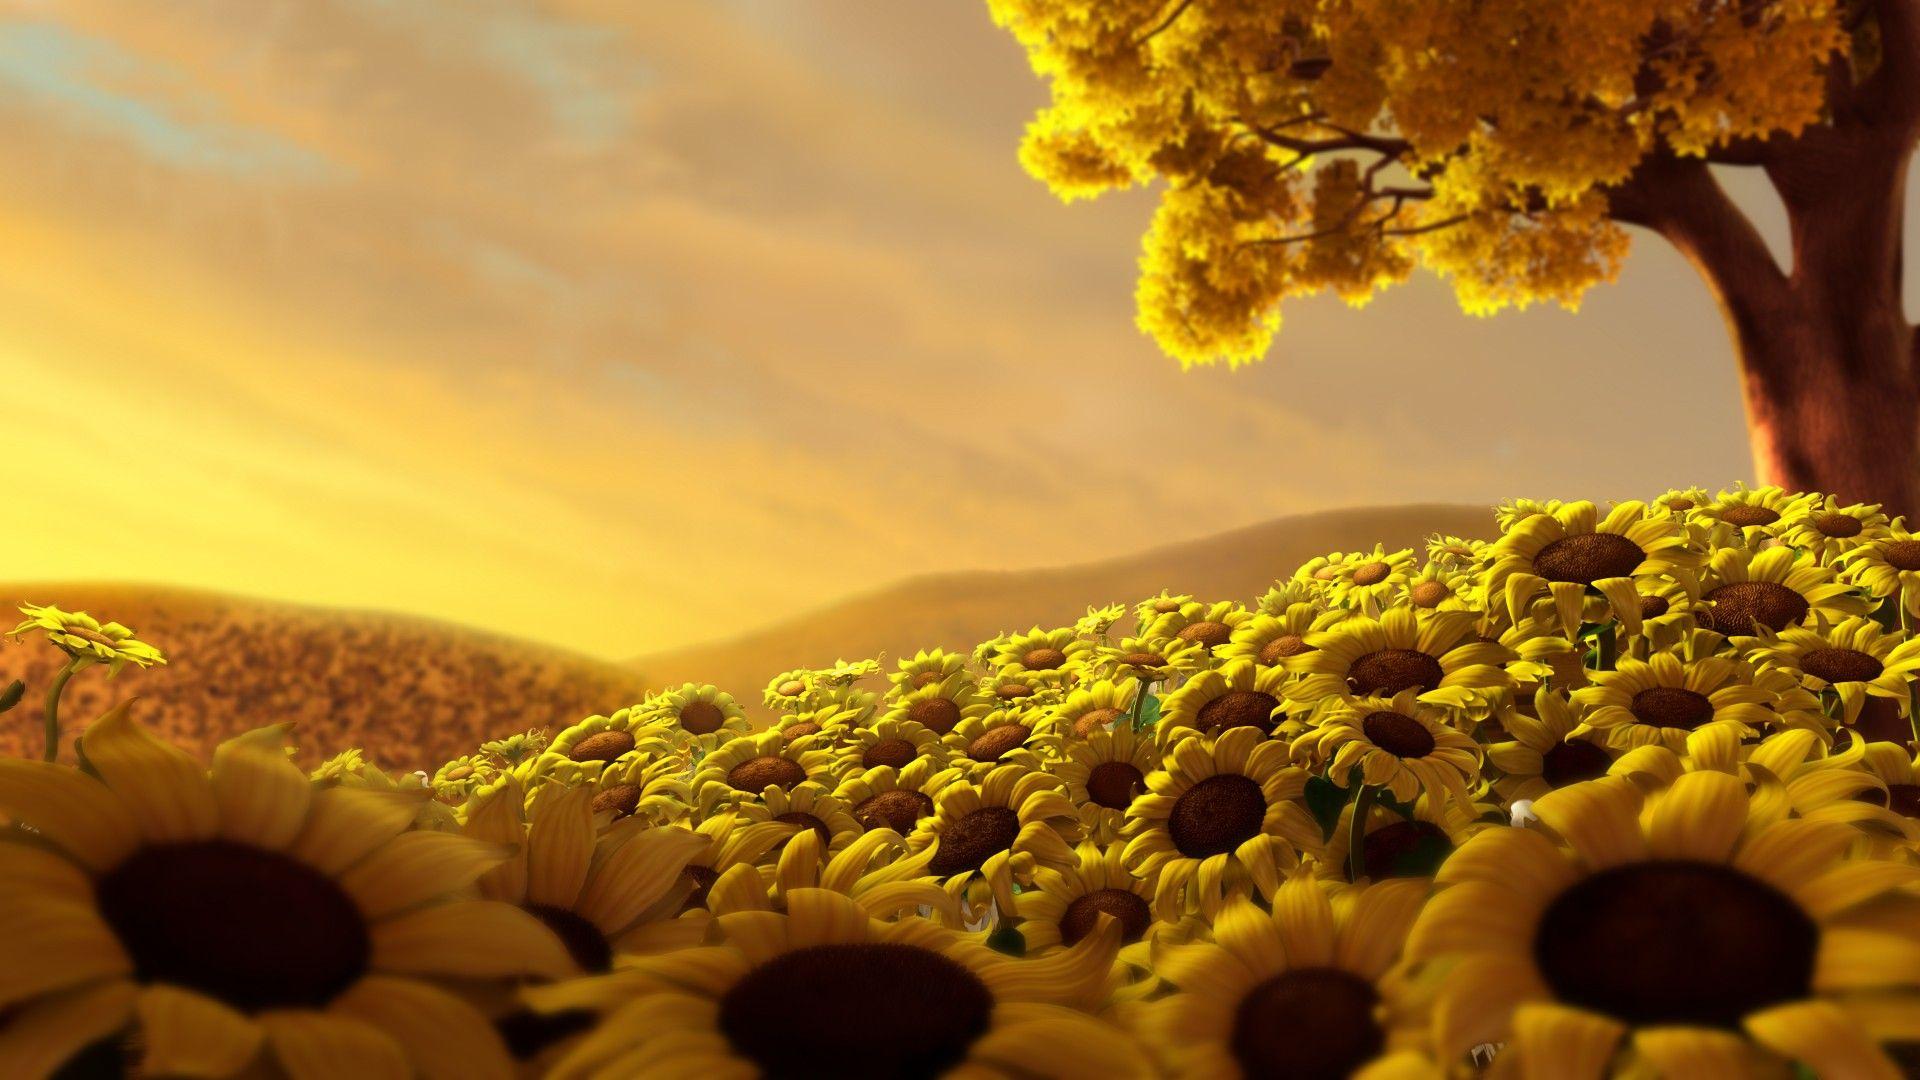 Sunflower Hd Wallpaper